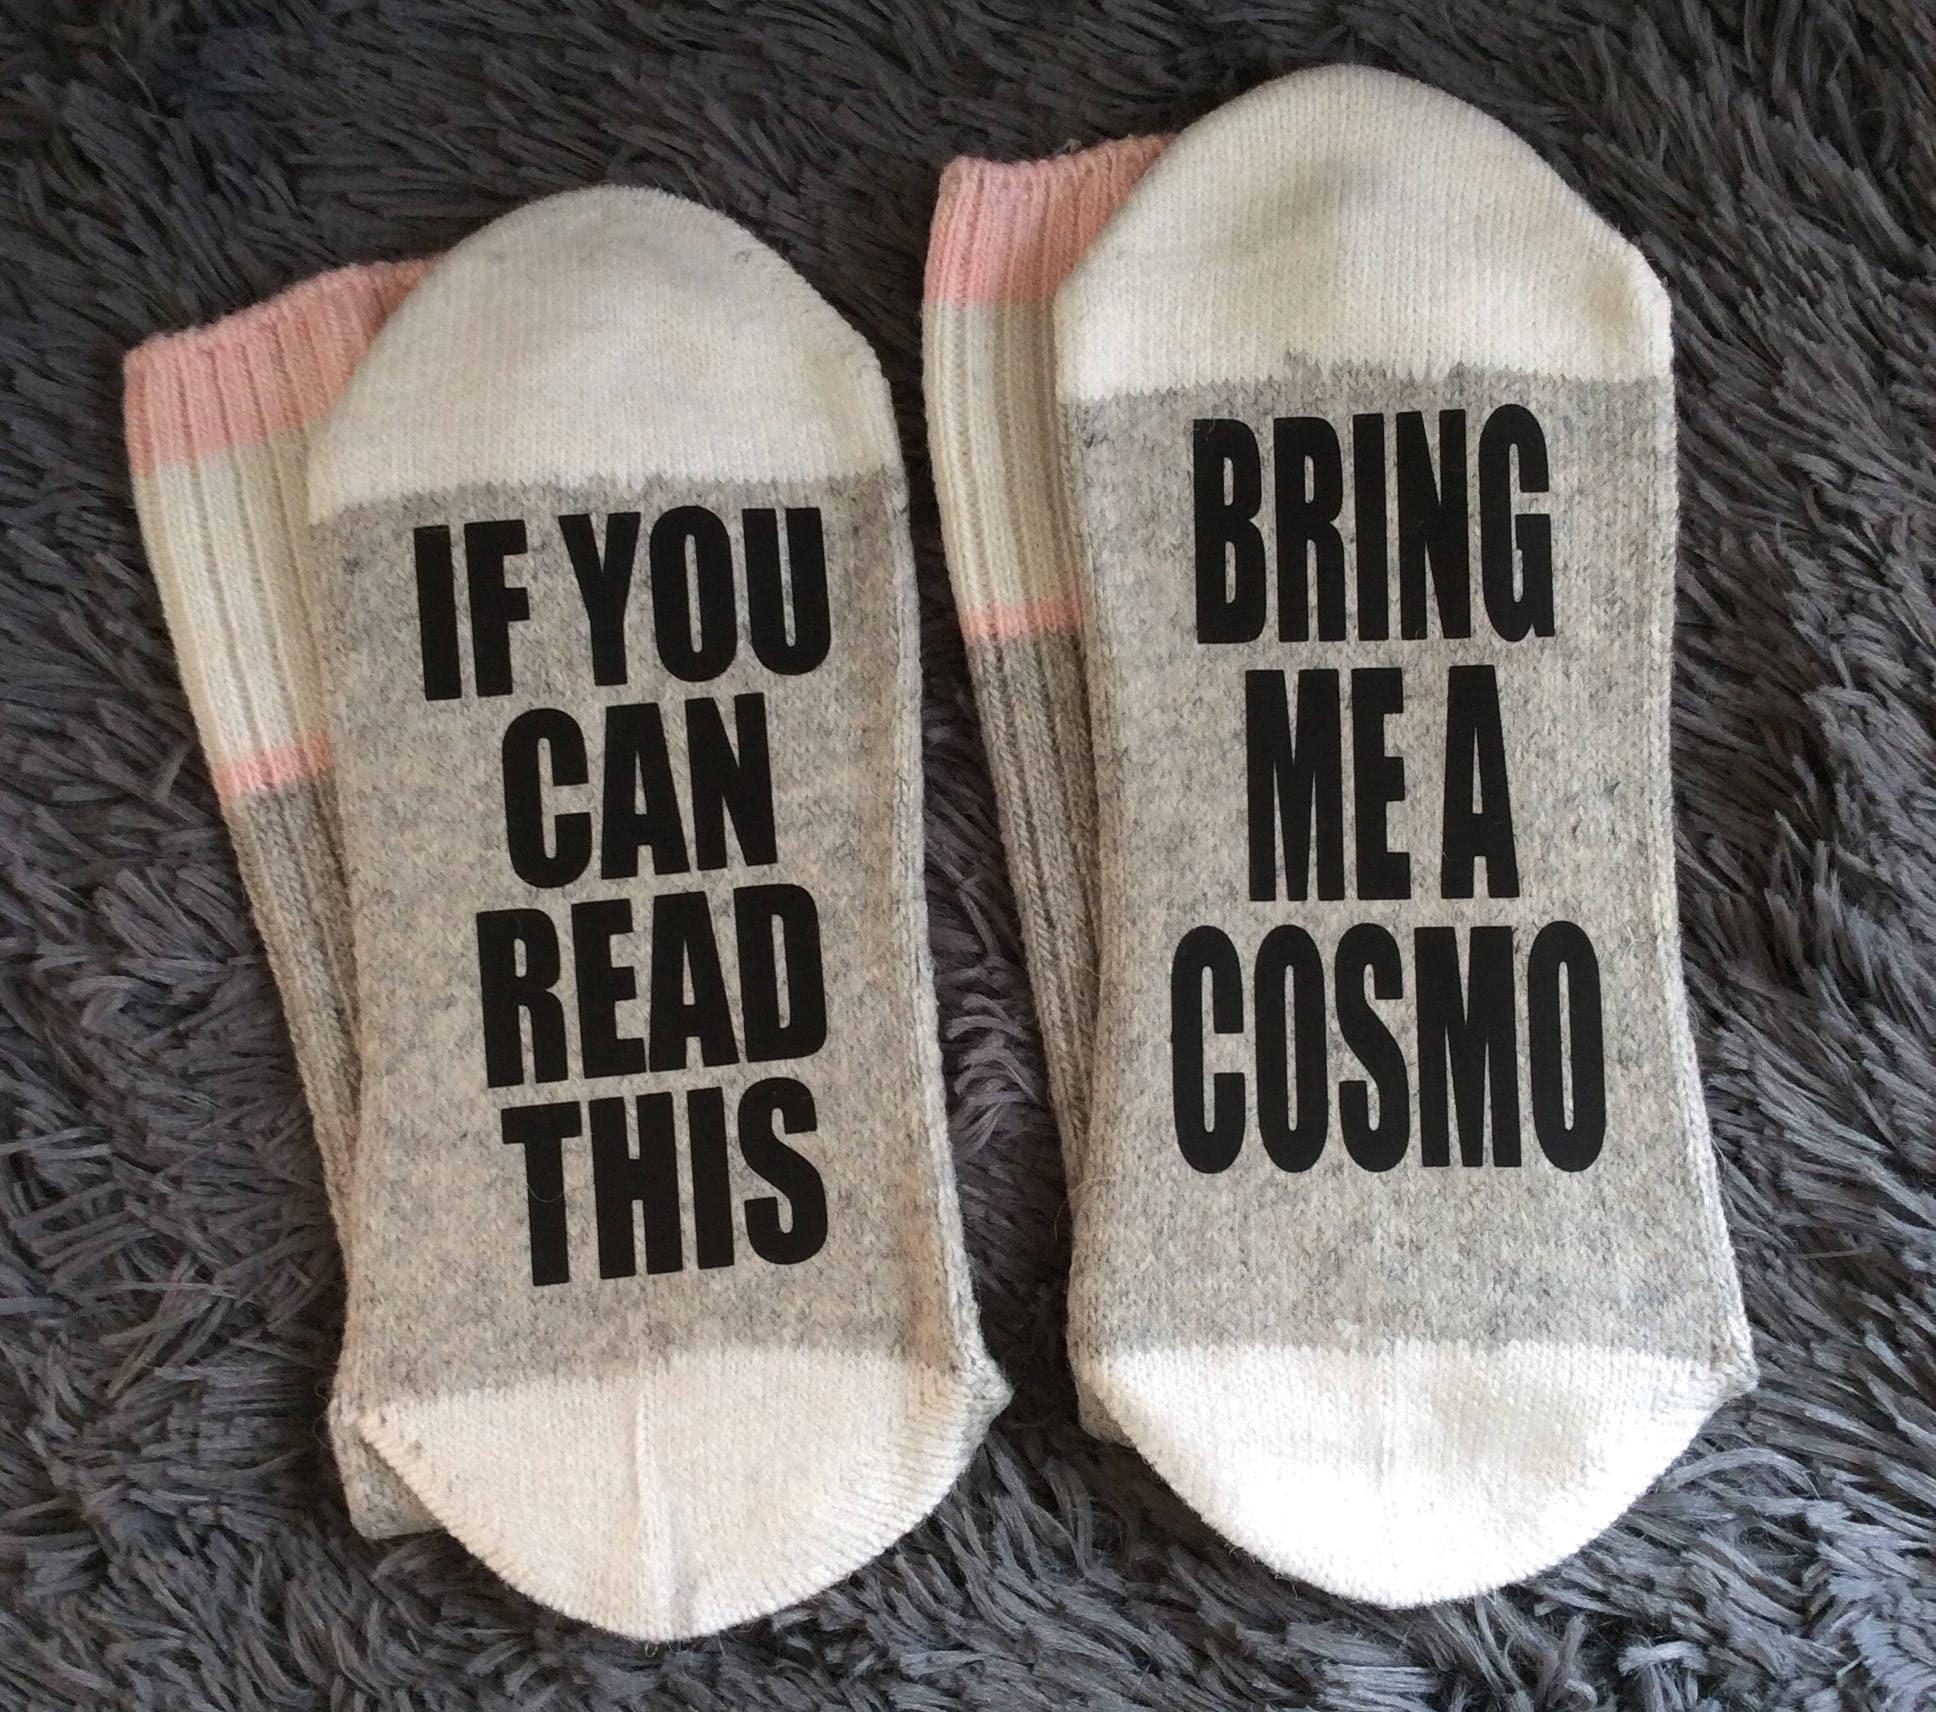 Apportez-moi un Cosmo - si vous pouvez lire que Cosmopolitan cette chaussettes - Cosmopolitan que - cadeaux - nouveauté chaussettes 40ce29